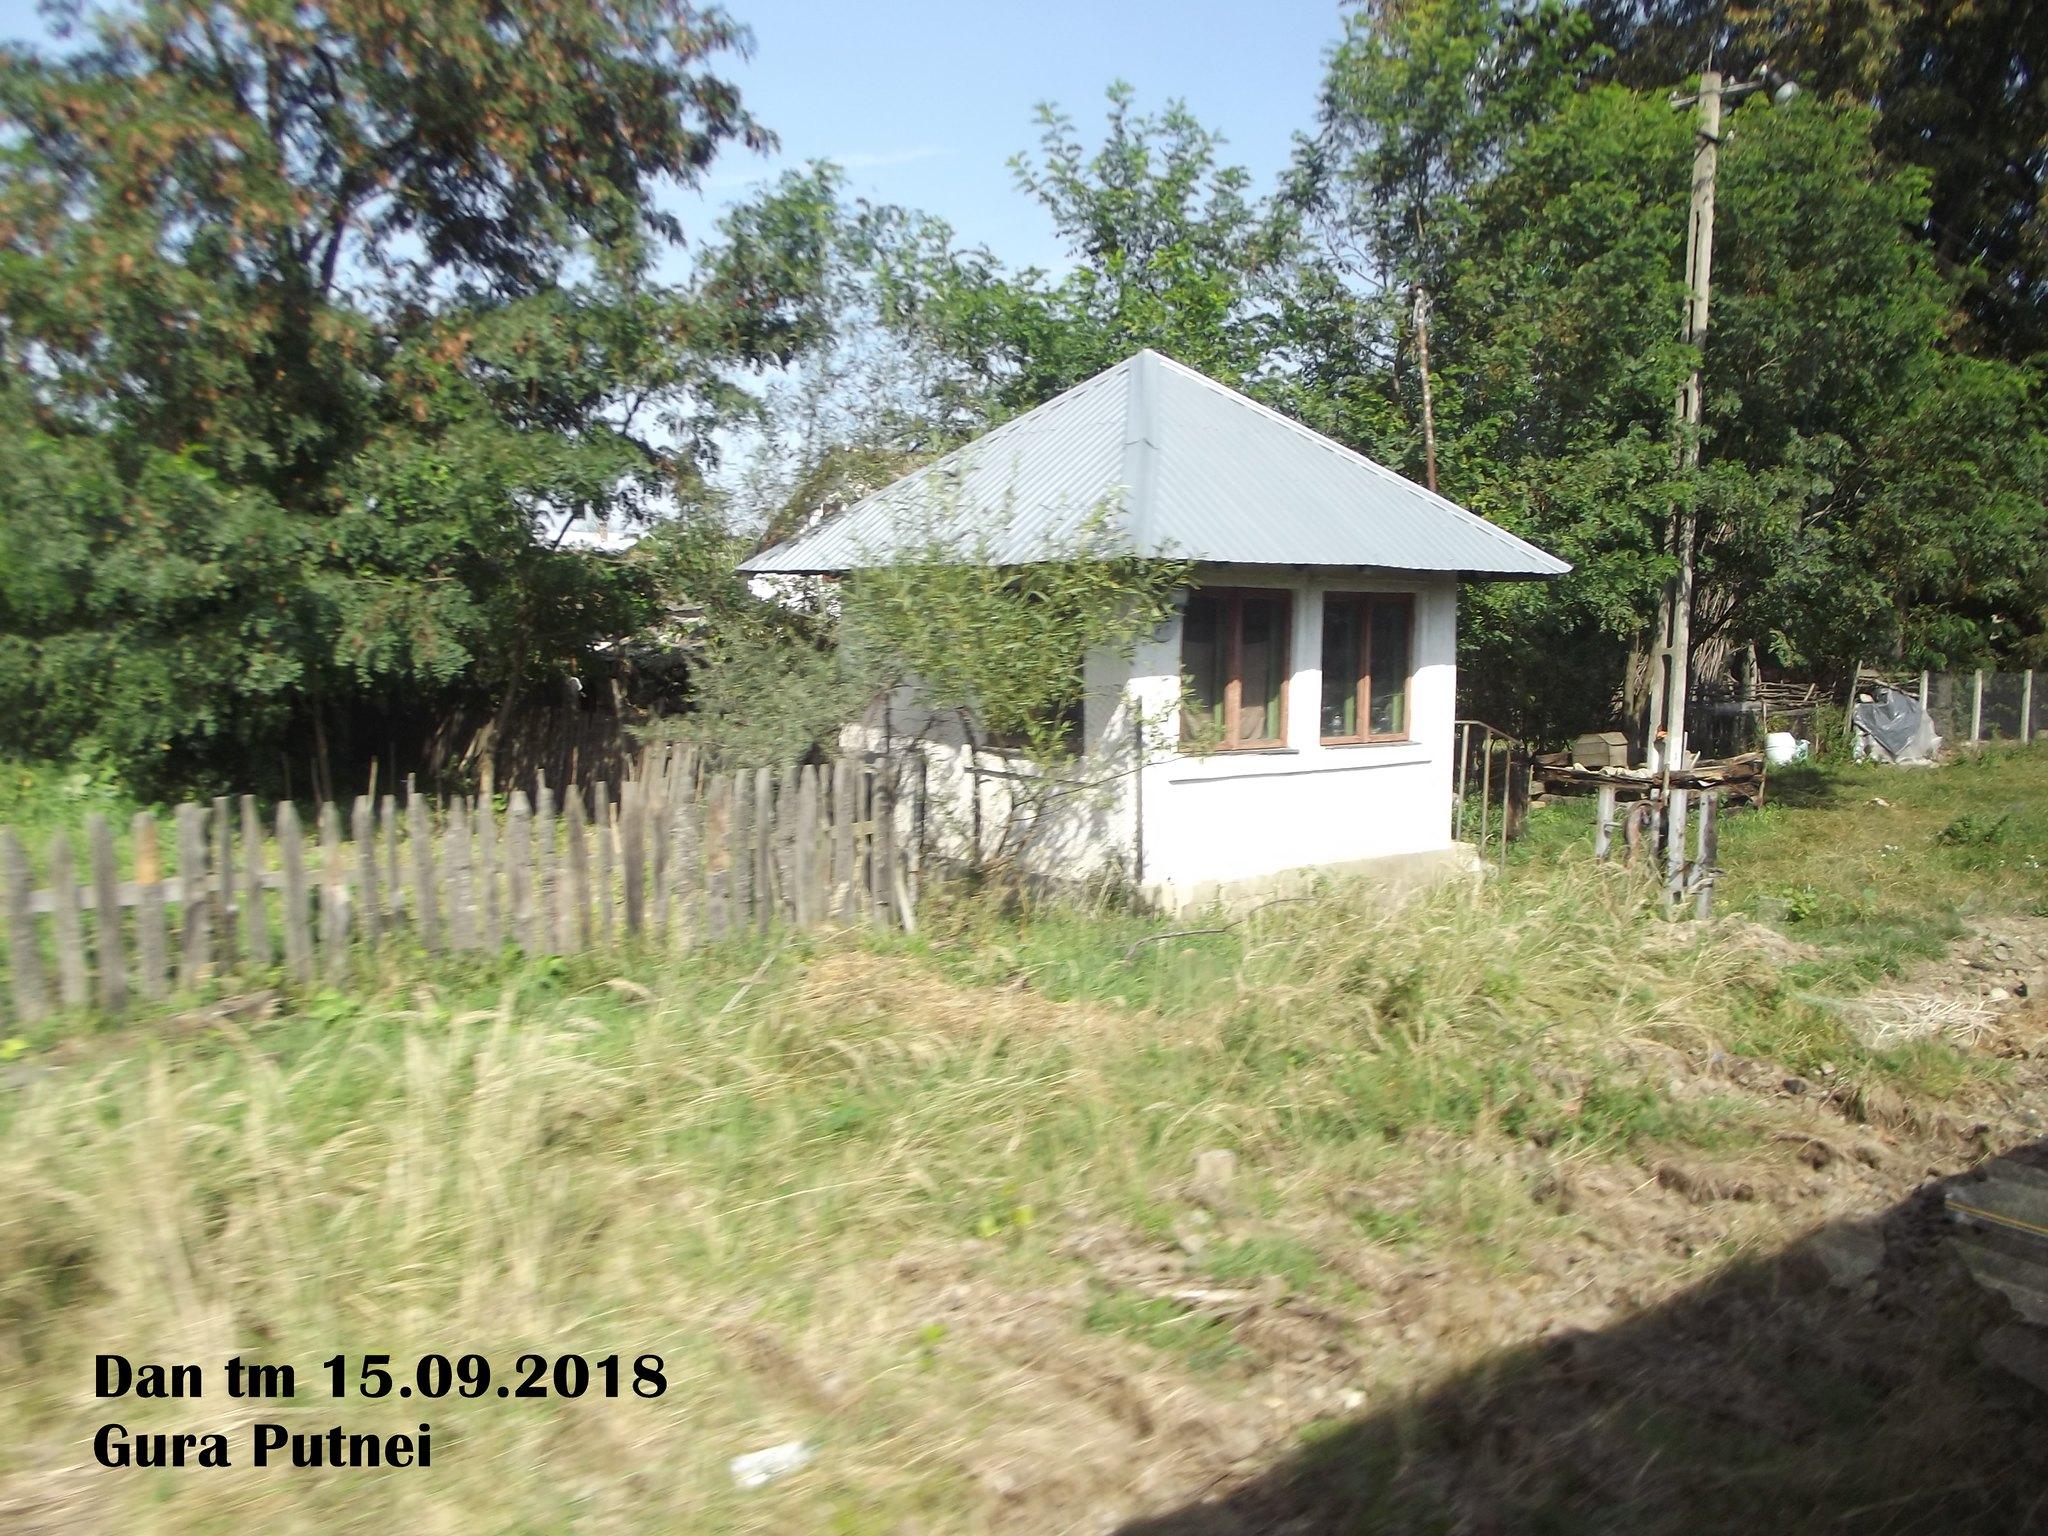 515 : Dorneşti - Gura Putnei - (Putna) - Nisipitu - Seletin UKR - Pagina 47 44016740514_fbe2363092_k